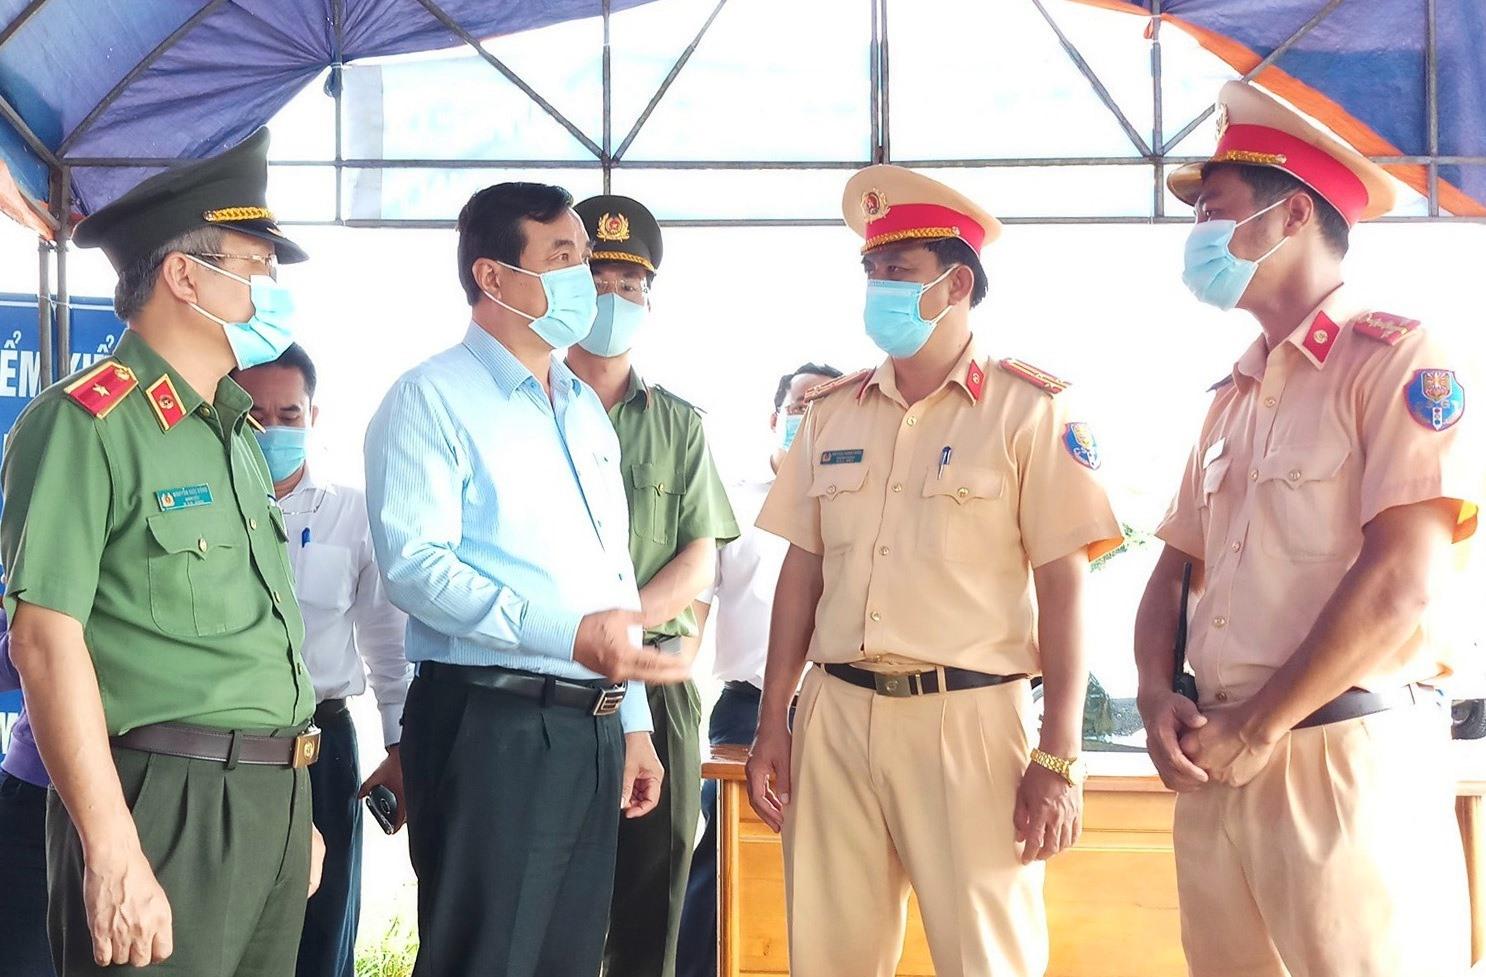 Ủy viên Trung ương Đảng, Bí thư Tỉnh ủy, Chủ tịch HĐND tỉnh Phan Việt Cường có buổi kiểm tra, thăm động viên cán bộ, chiến sĩ trực tiếp làm nhiệm vụ phòng chống dịch Covid-19 tại các chốt kiểm soát phía nam huyện Núi Thành.